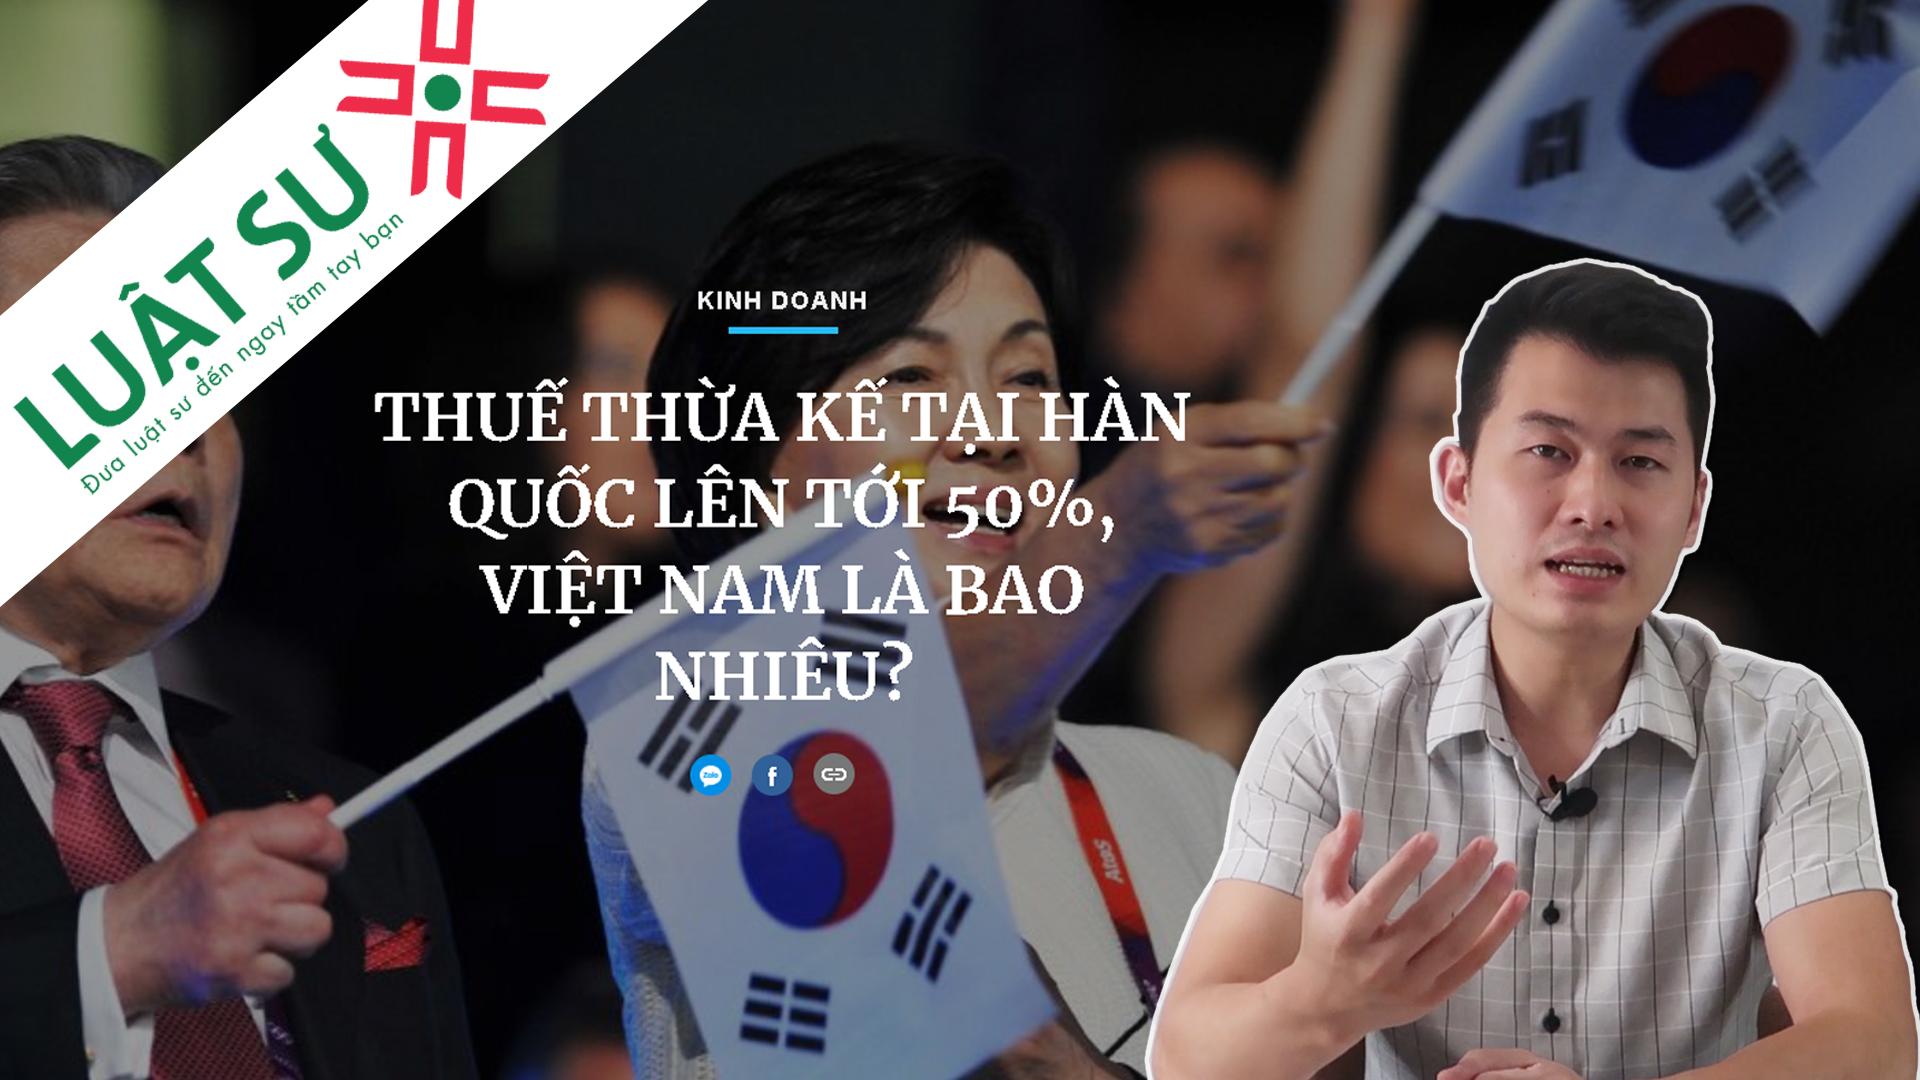 Thuế thừa kế tài sản ở Việt Nam là bao nhiêu?